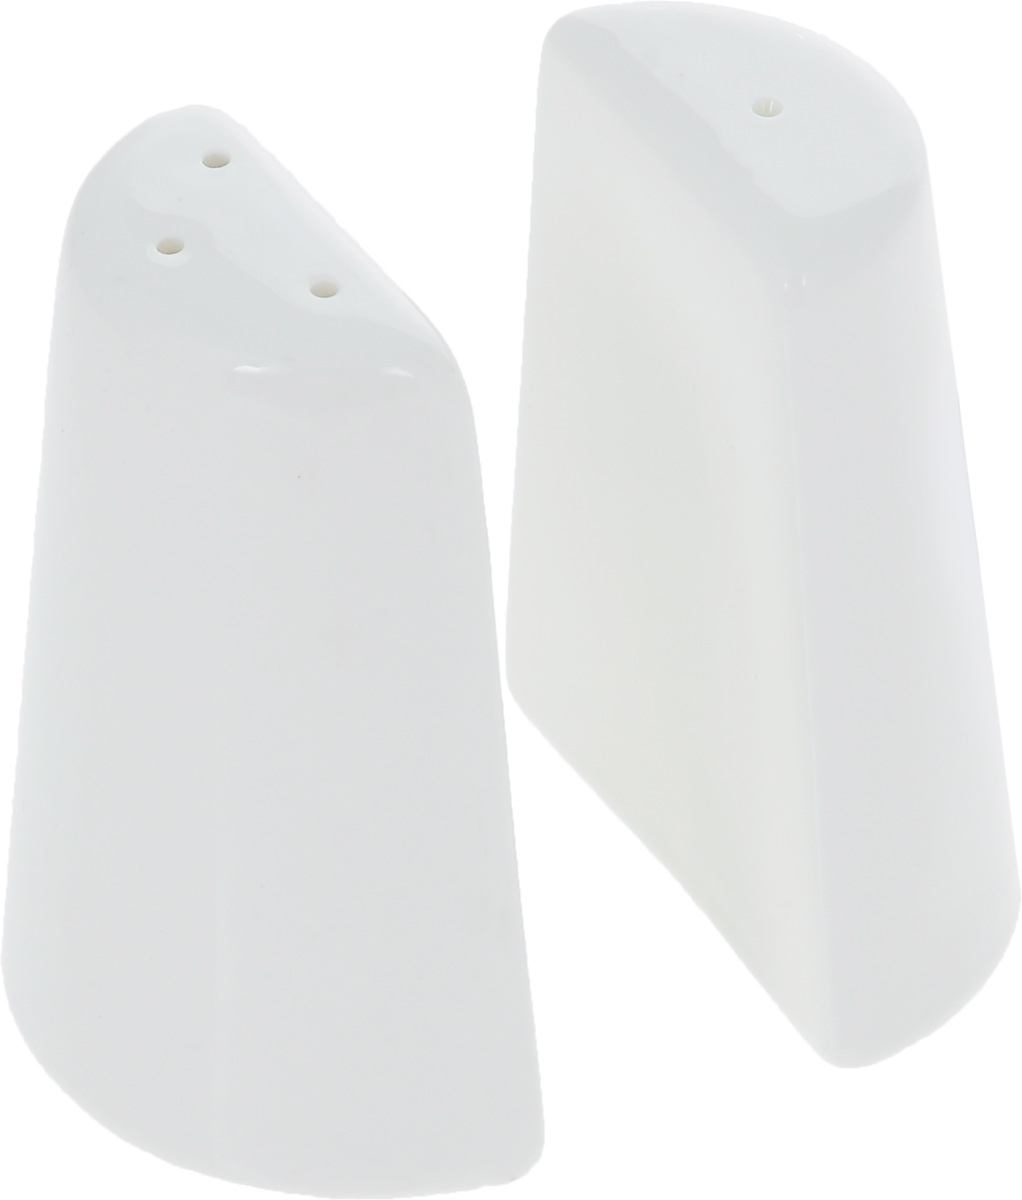 Набор для специй Wilmax, 2 предмета. WL-996068 / SP4630003364517Набор для специй Wilmax состоит из солонки и перечницы. Изделия выполнены из высококачественного фарфора, покрытого глазурью. Такой набор для специй пригодится в любом хозяйстве, он функционален, практичен и легок в уходе. Размер емкости: 7 х 3 х 8,5 см.